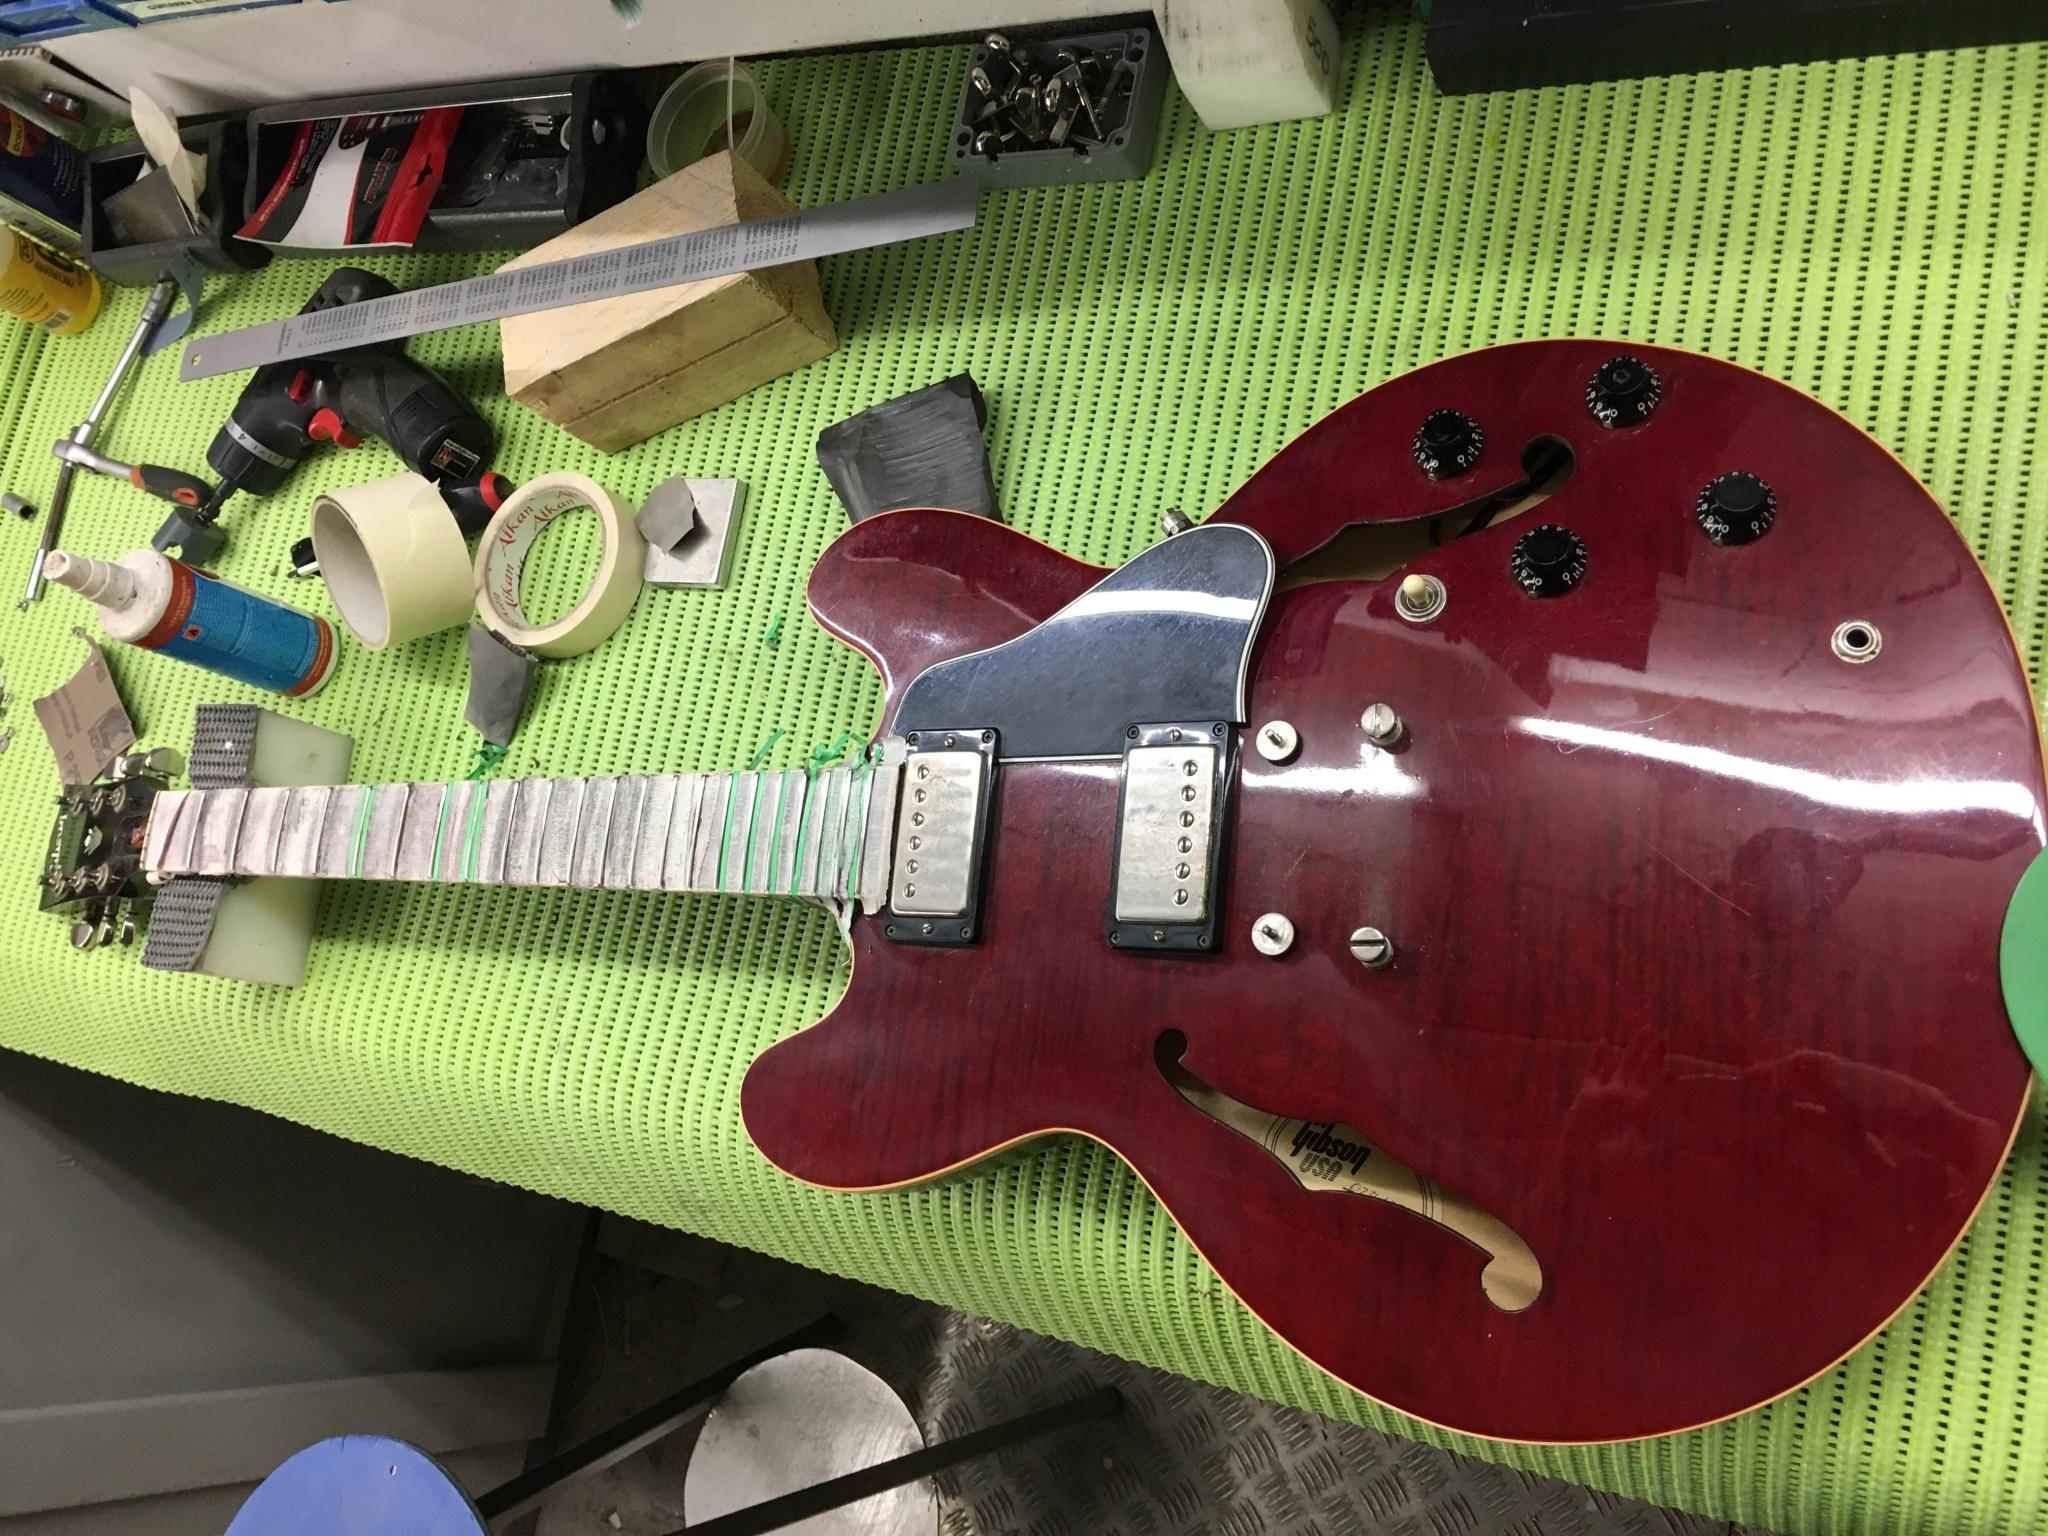 IMG 5437 - Nivelado de trastes y ajuste general Gibson 335 del 69